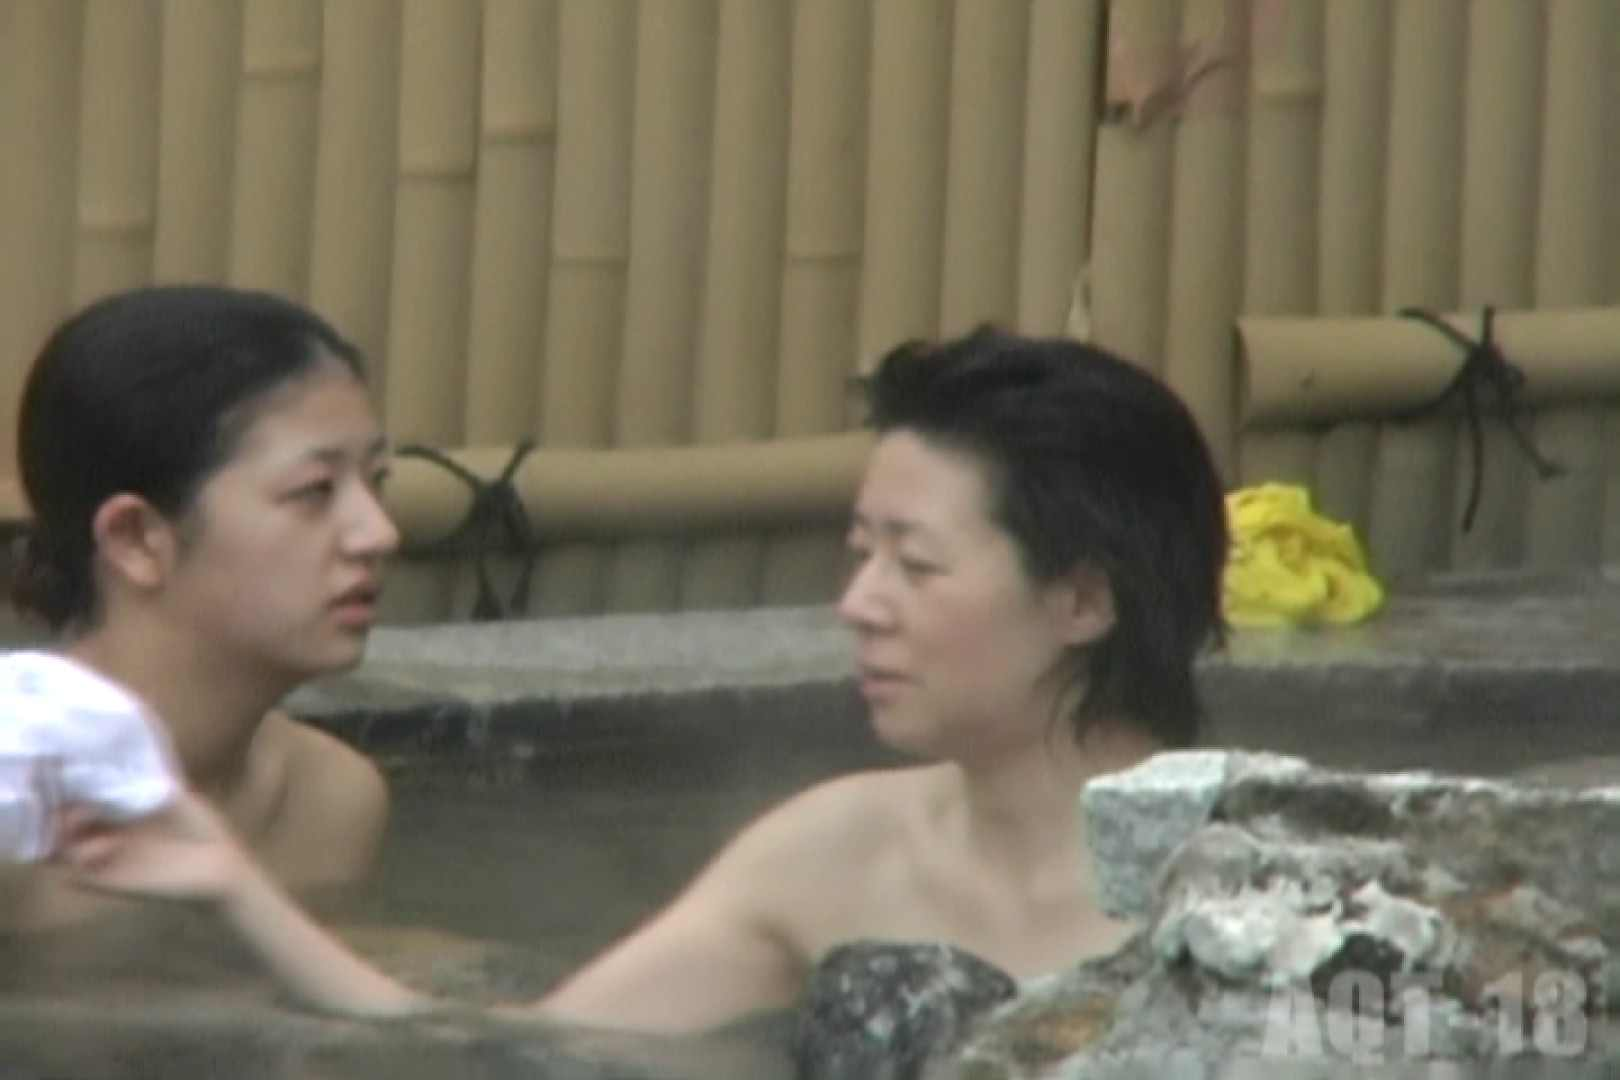 Aquaな露天風呂Vol.859 0  90pic 8